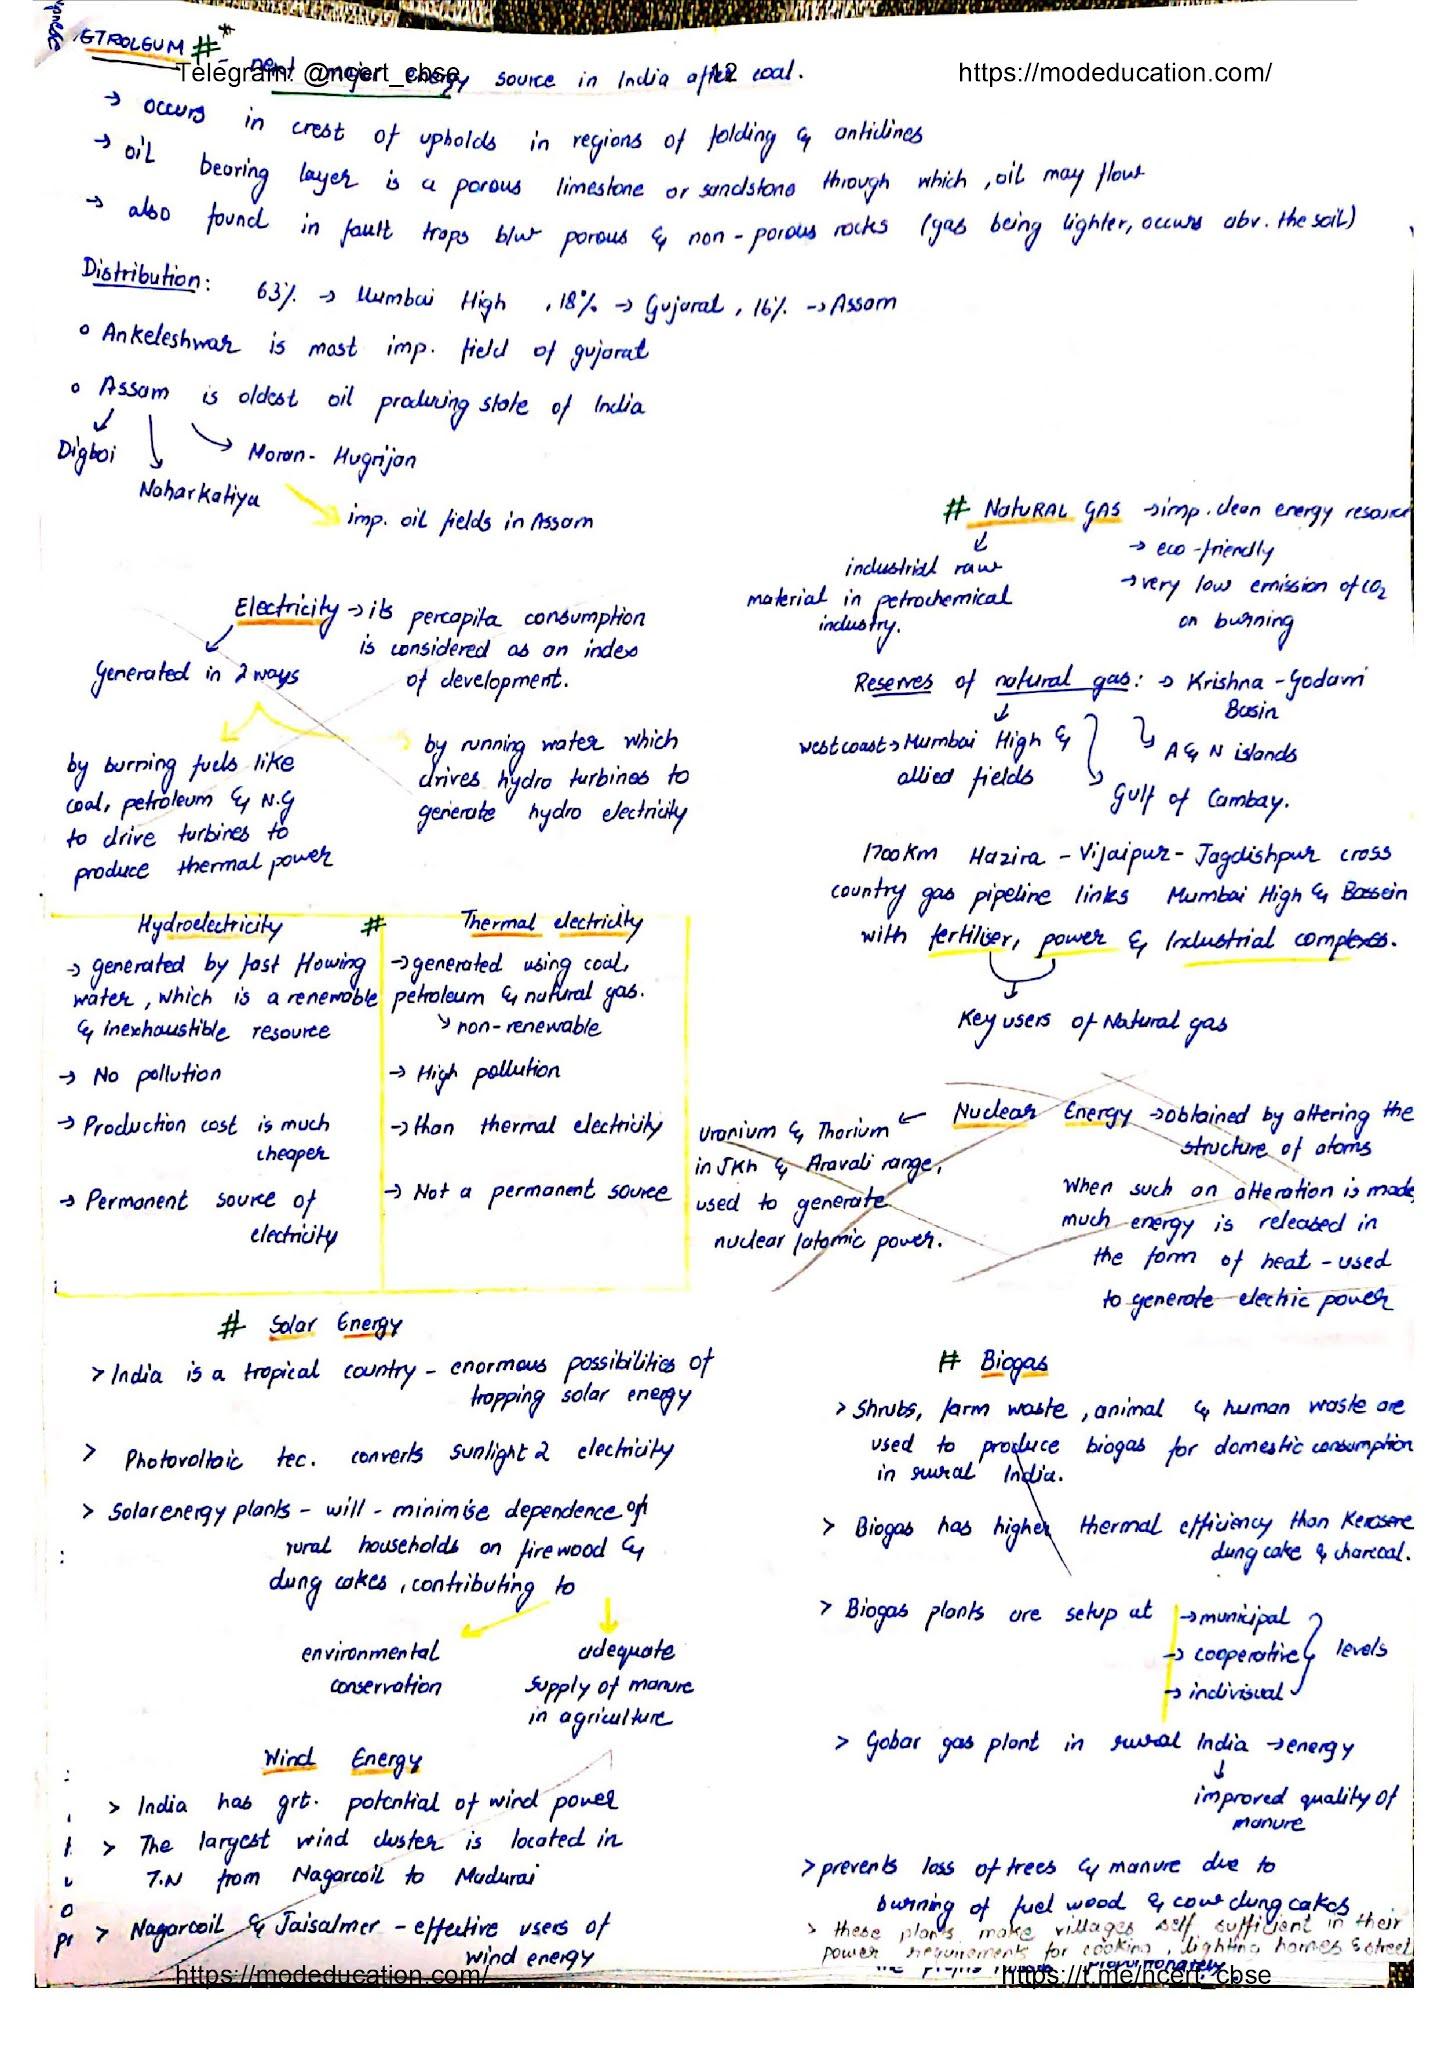 Class 10 Geography Handwritten Notes, class 10 geography chapter 5 handwritten notes